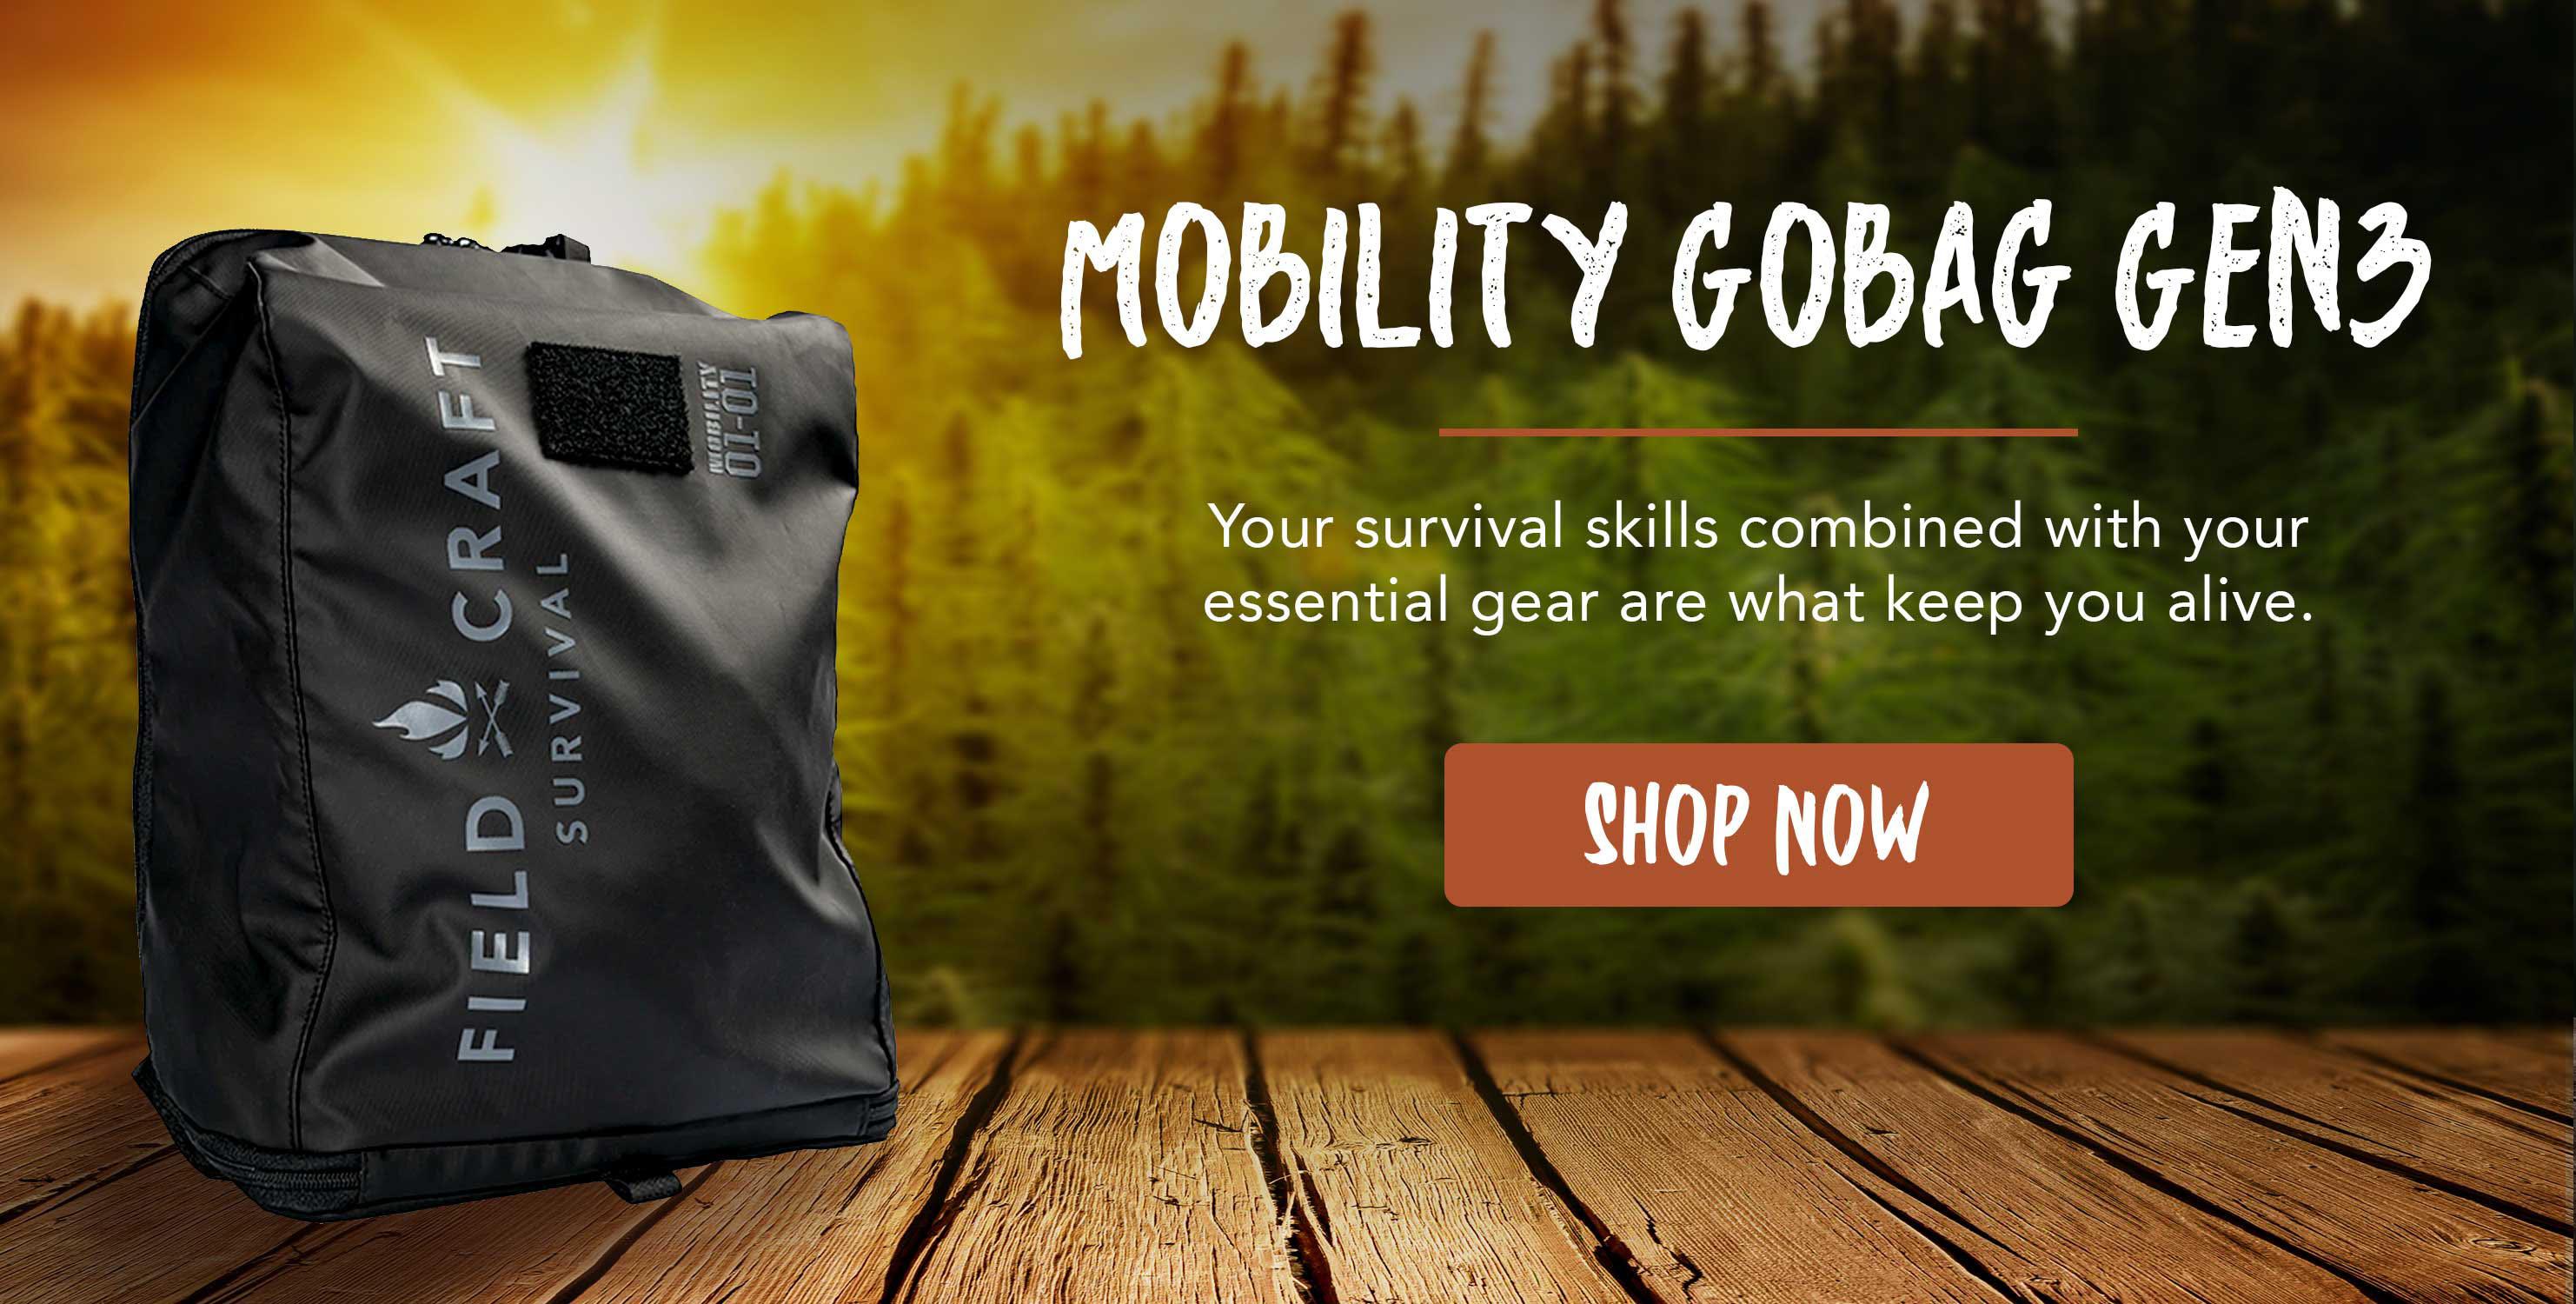 Mobility GoBag Gen3